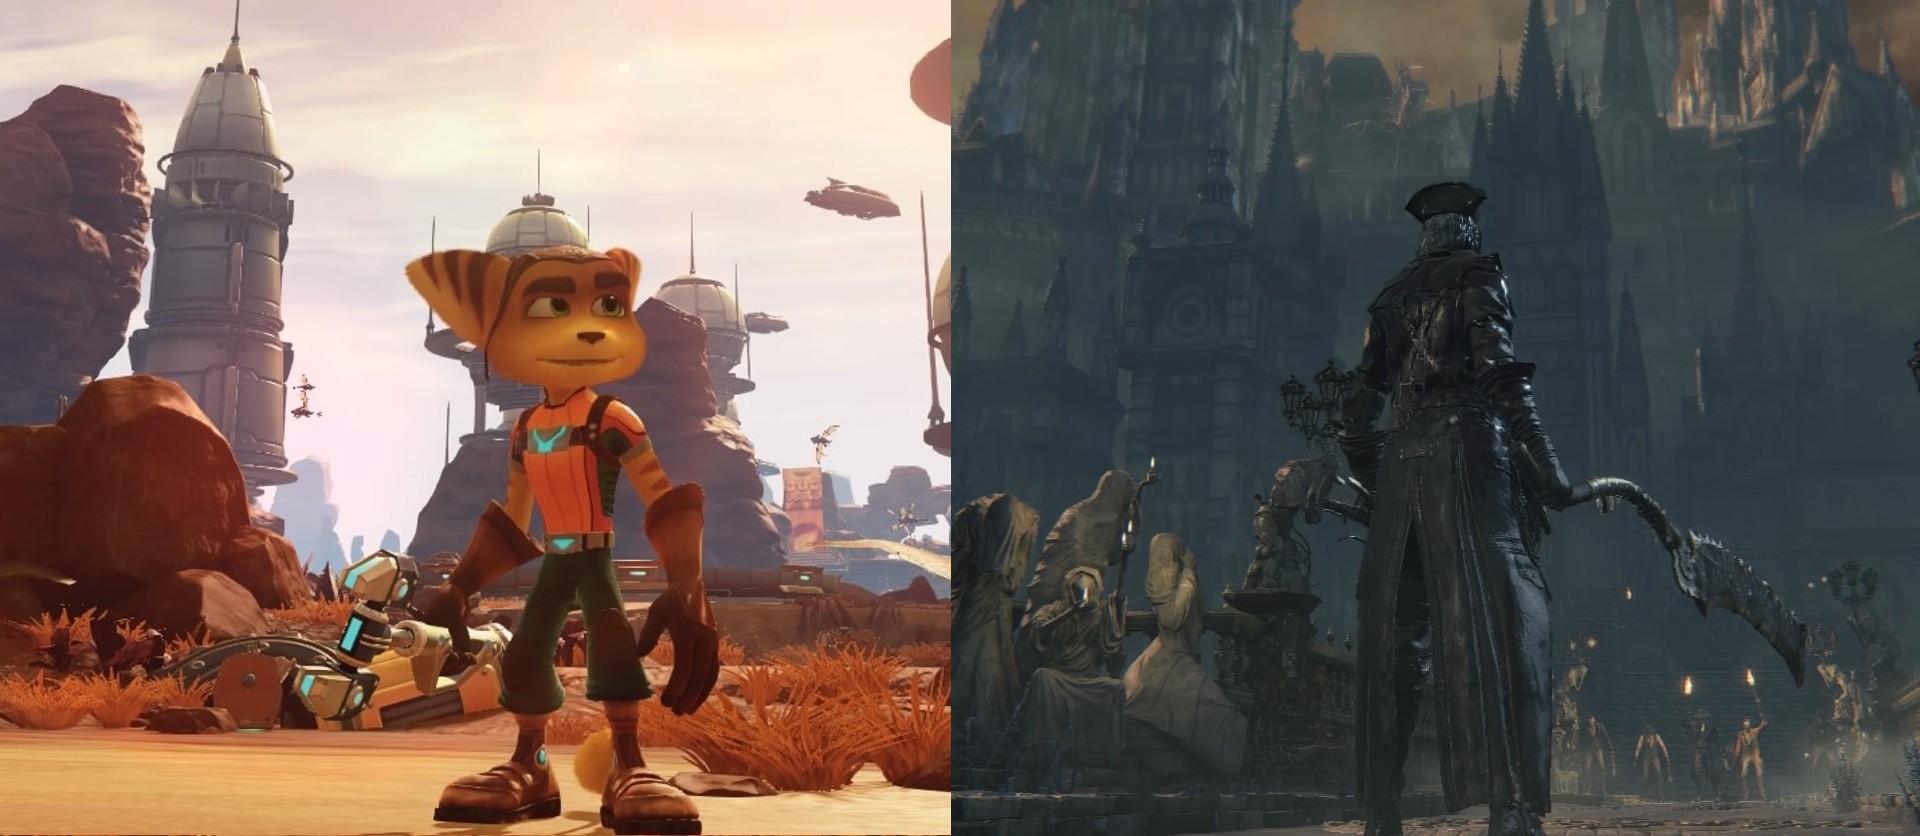 Ratchet & Clank und Bloodborne auf der selben Hardware.